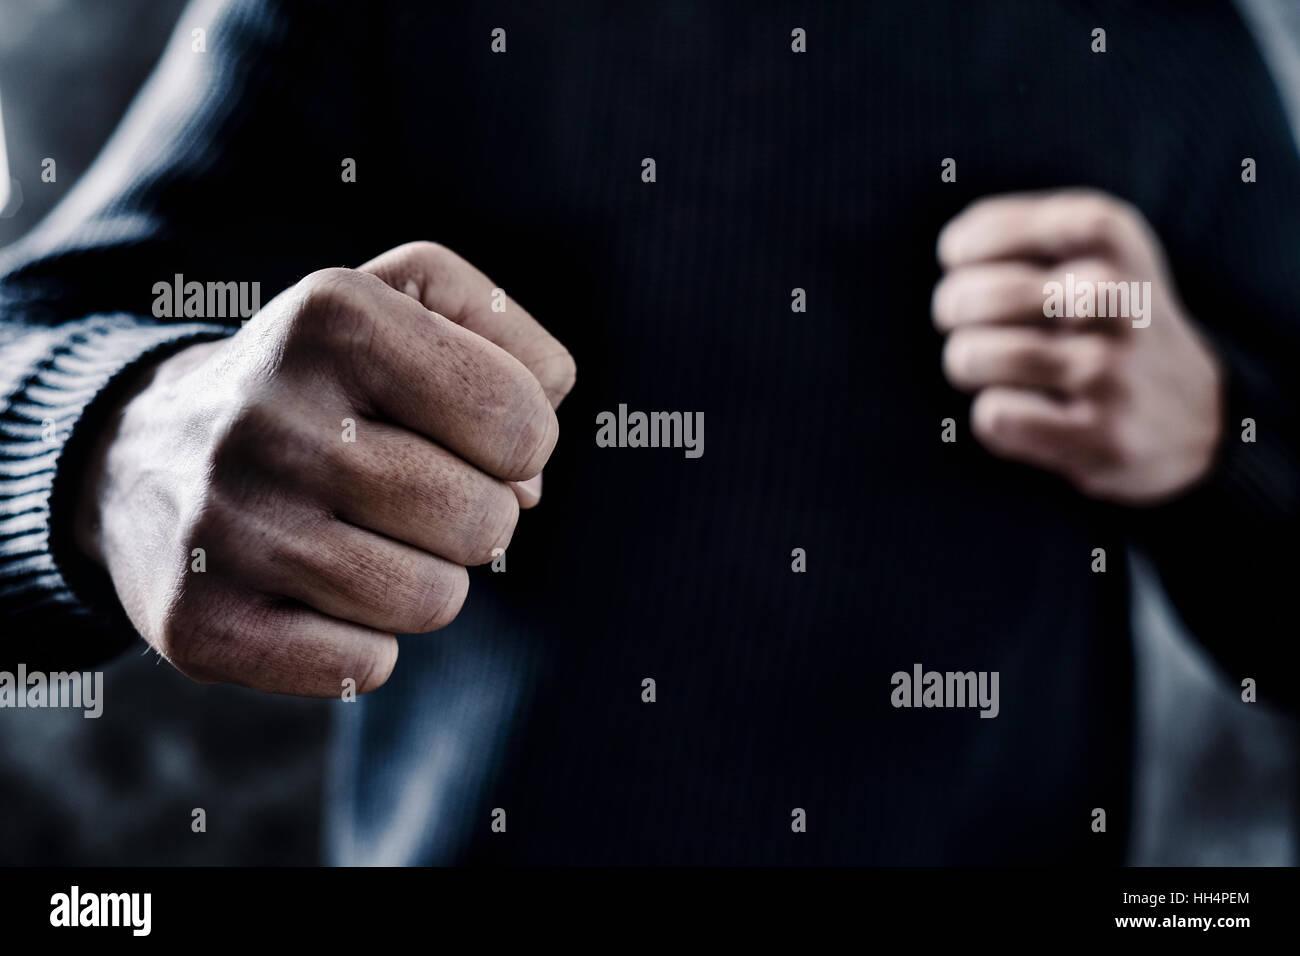 Primer plano de un joven hombre caucásico en ropa casual con un gesto amenazador, listo para perforar o luchar Imagen De Stock